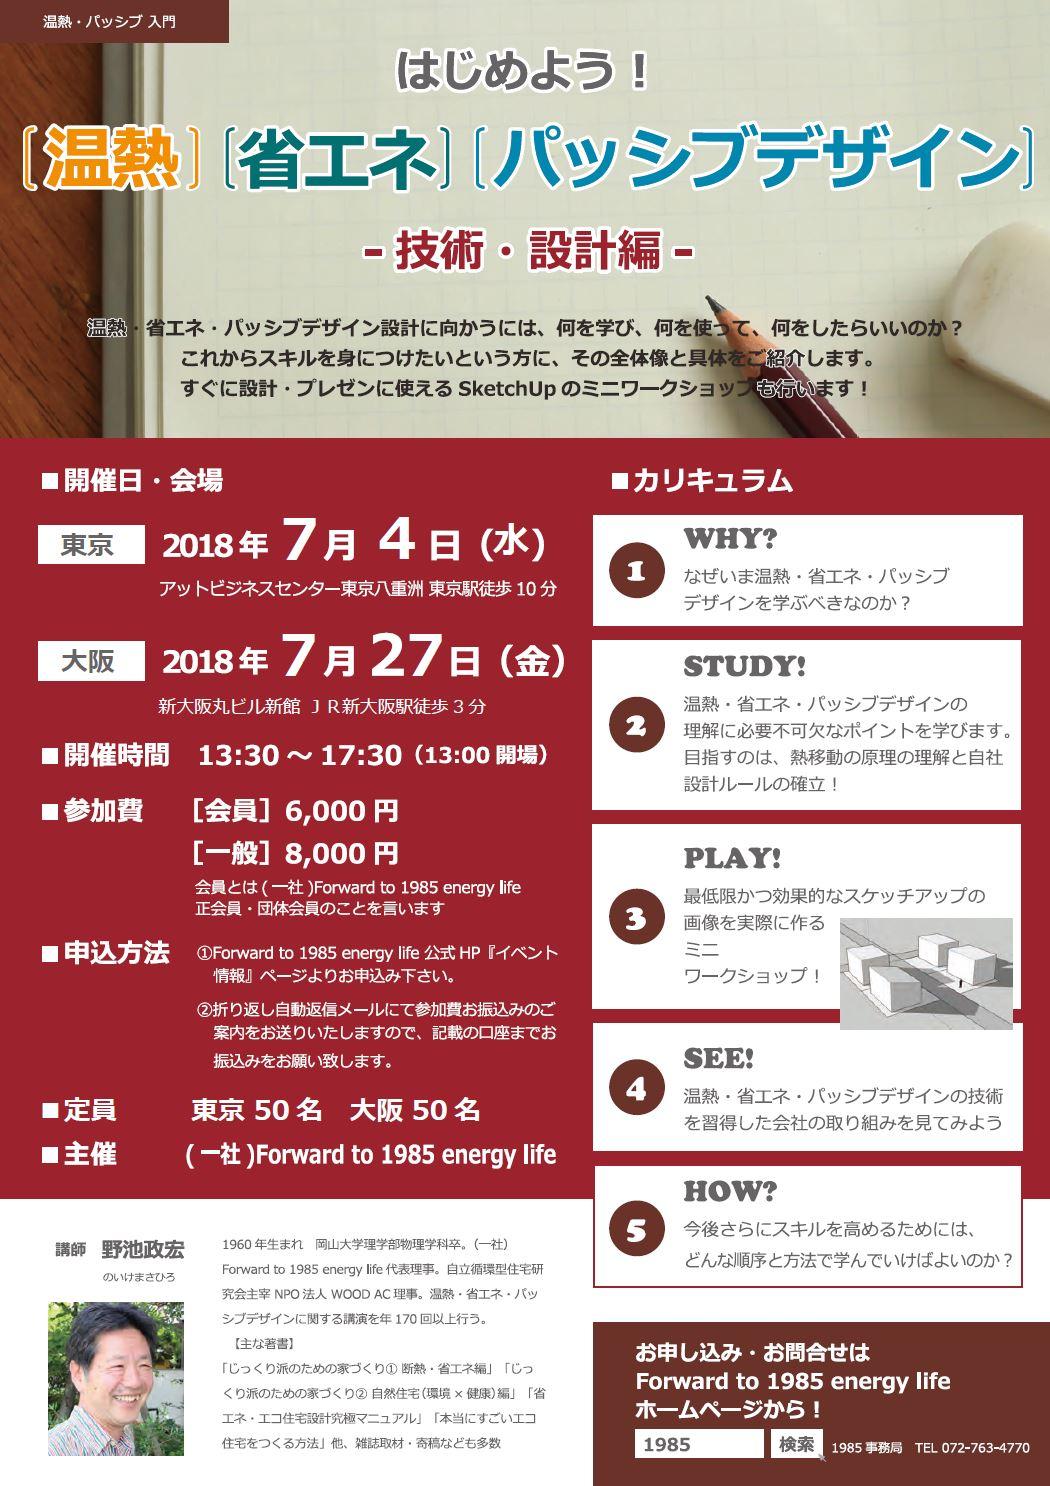 はじめよう!温熱・省エネ・パッシブデザイン -表現・プレゼン編-